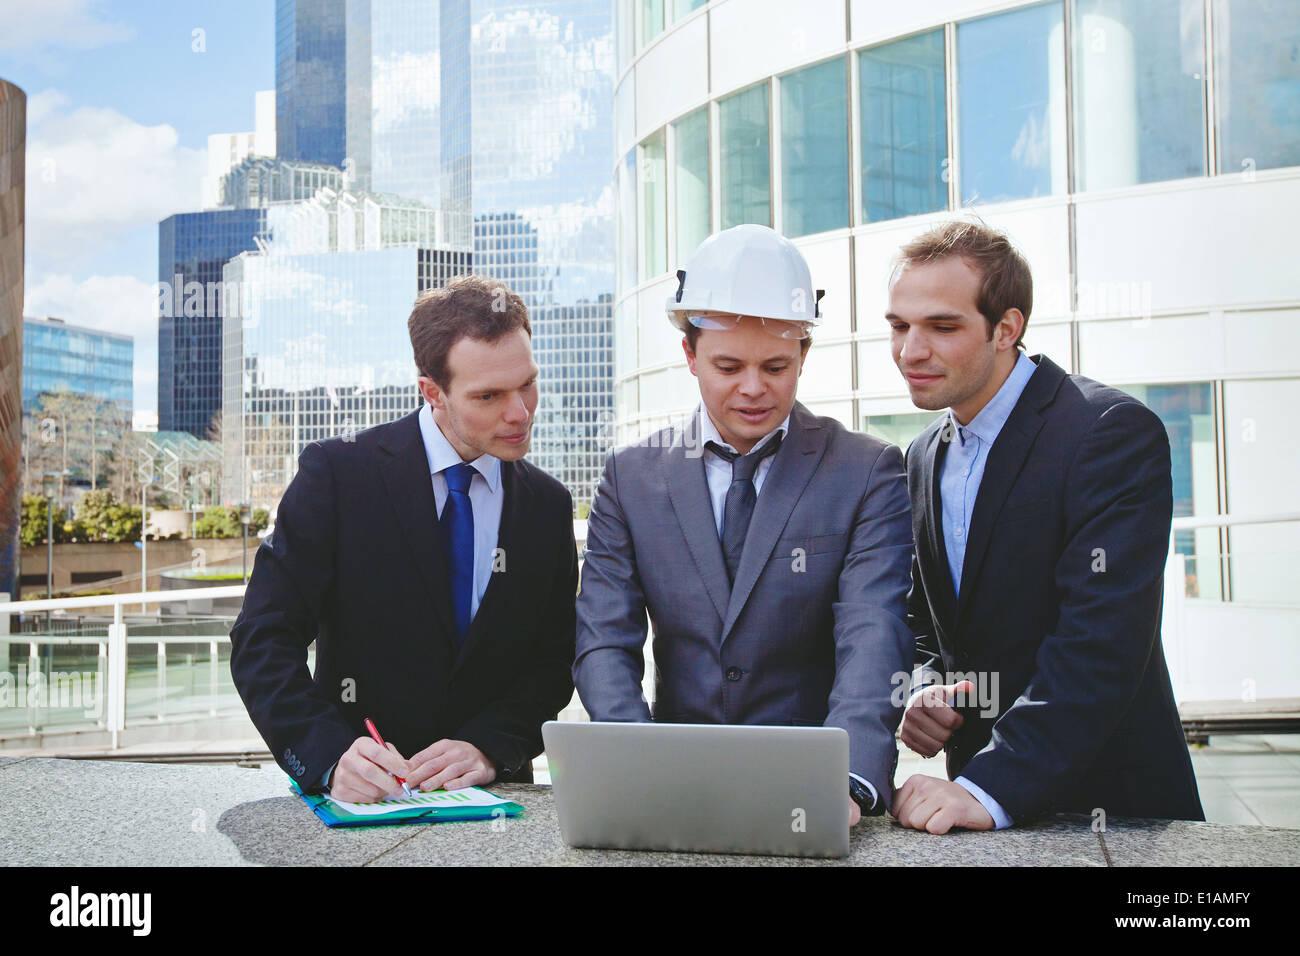 El equipo de arquitectos e ingenieros Imagen De Stock